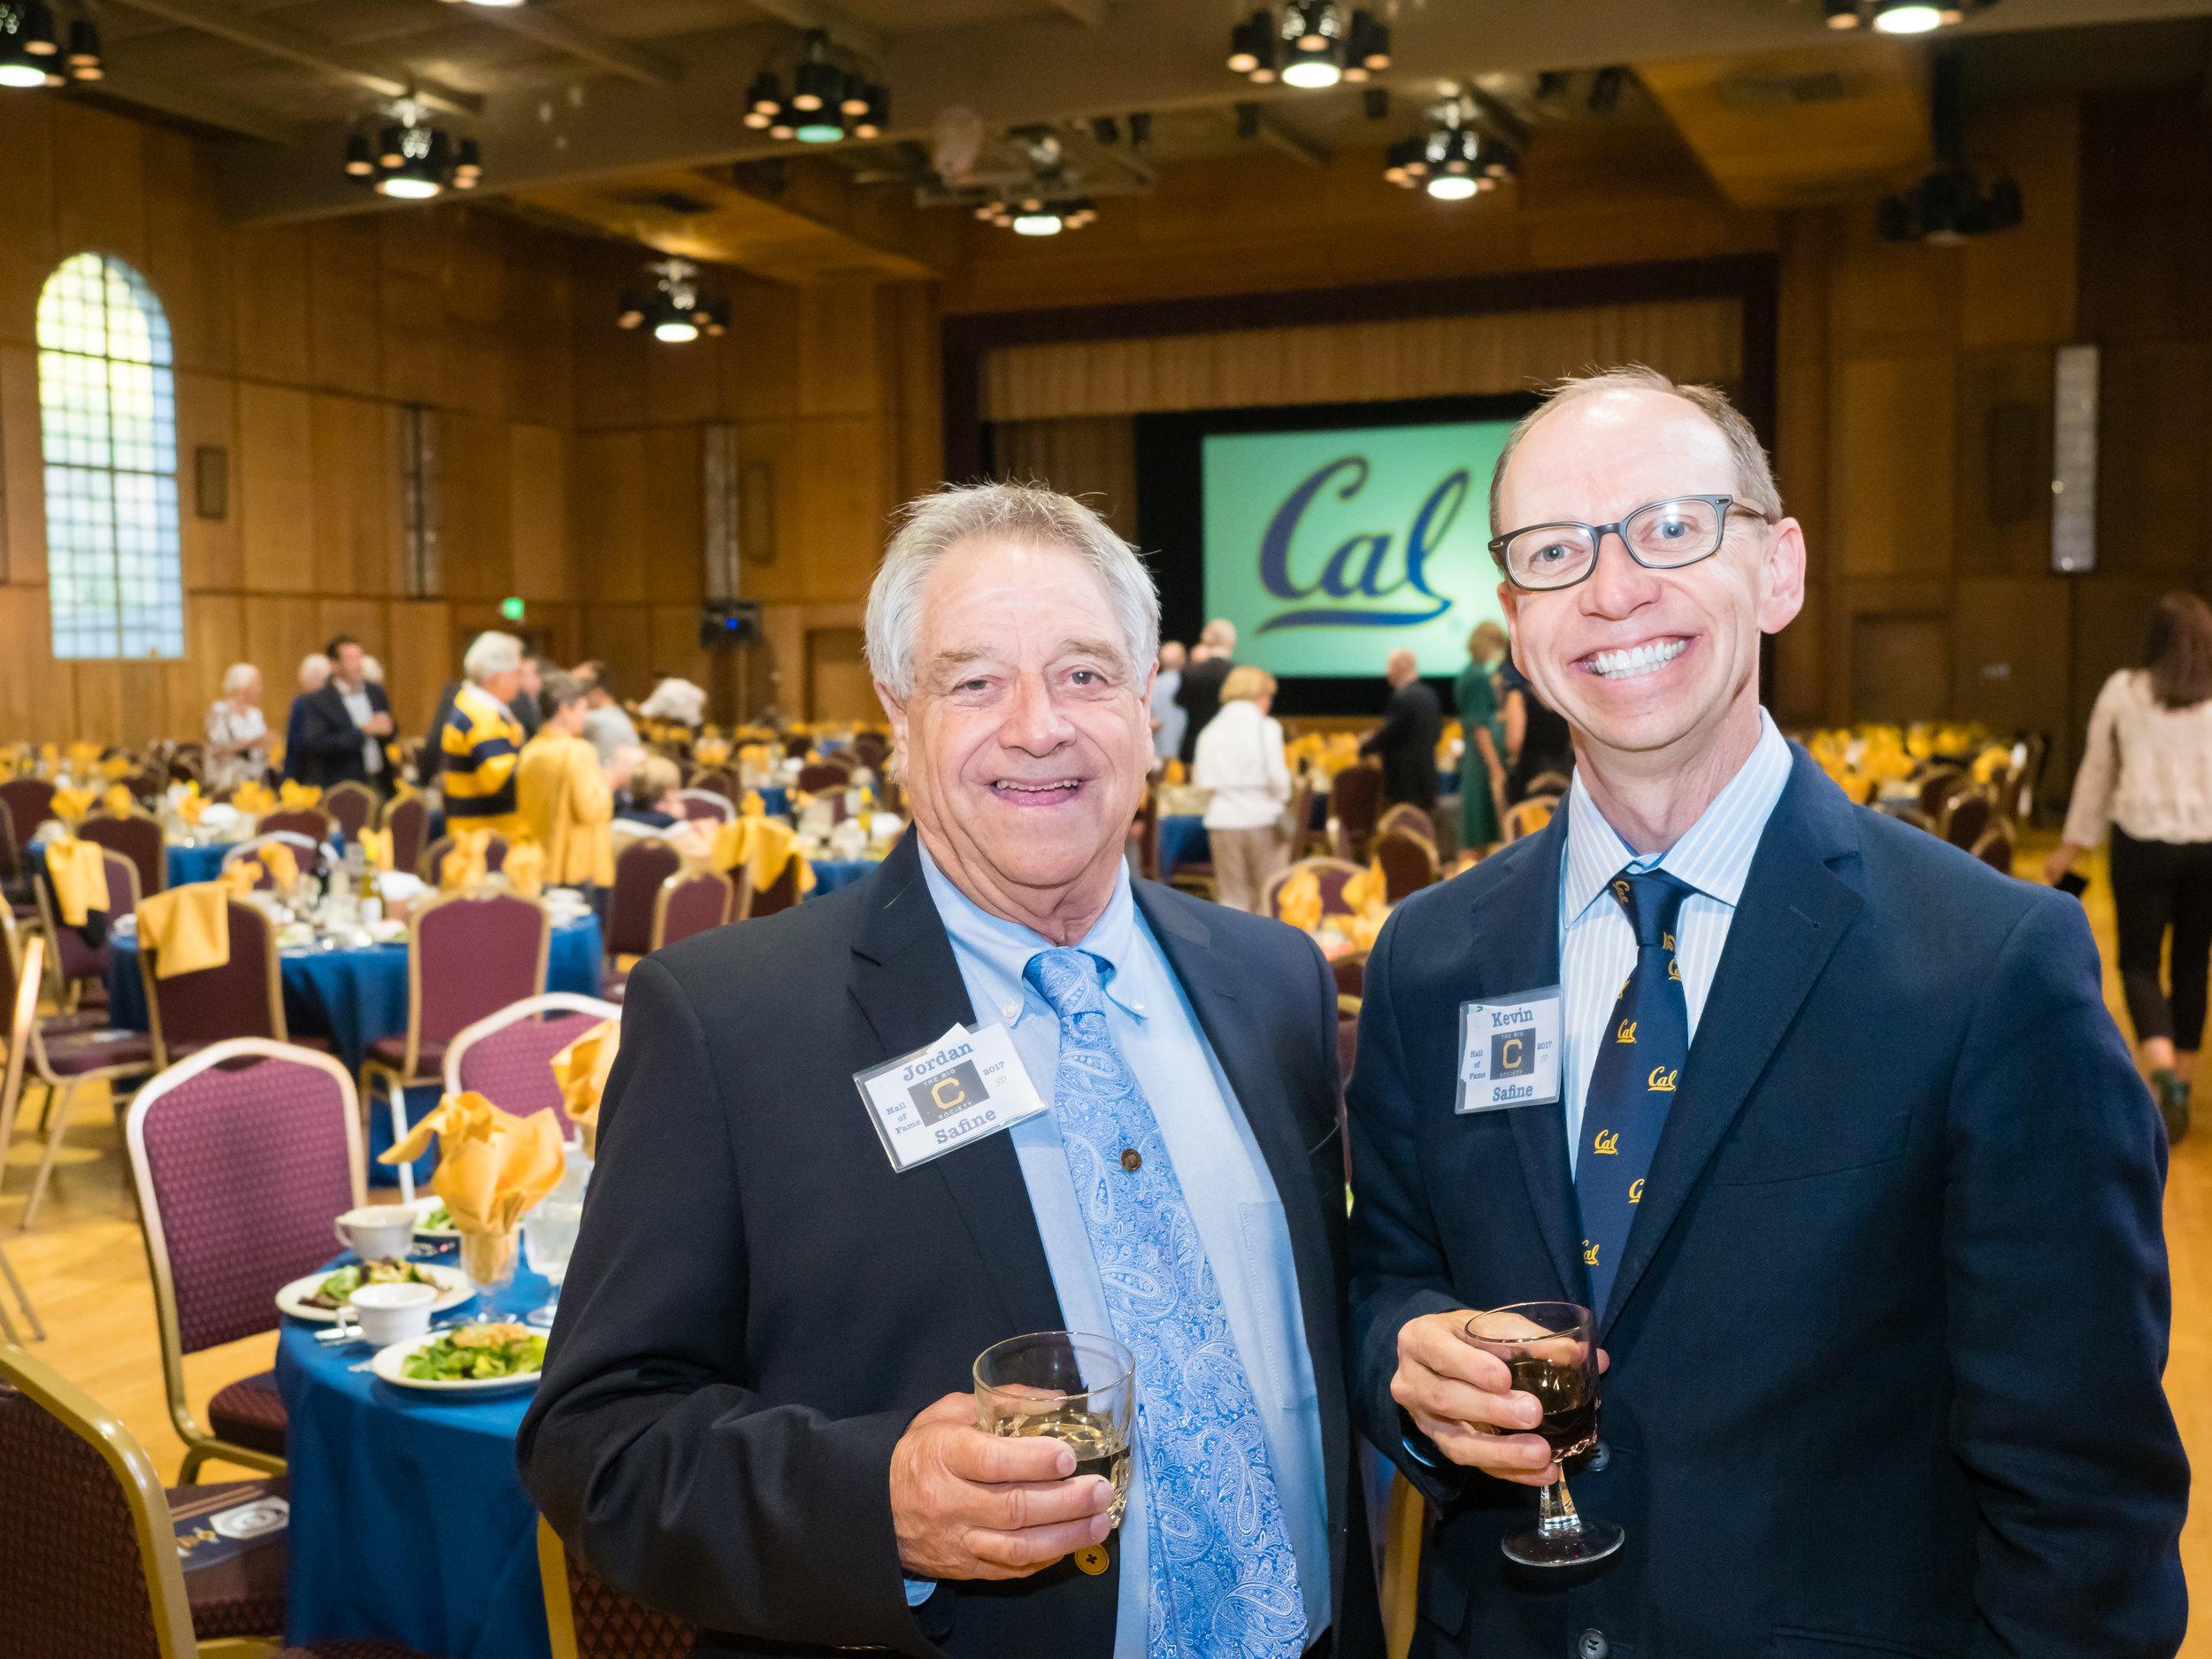 _Cal_Hall of Fame_20170908_183707_KLC-(ZF-9201-57652-1-914).jpg